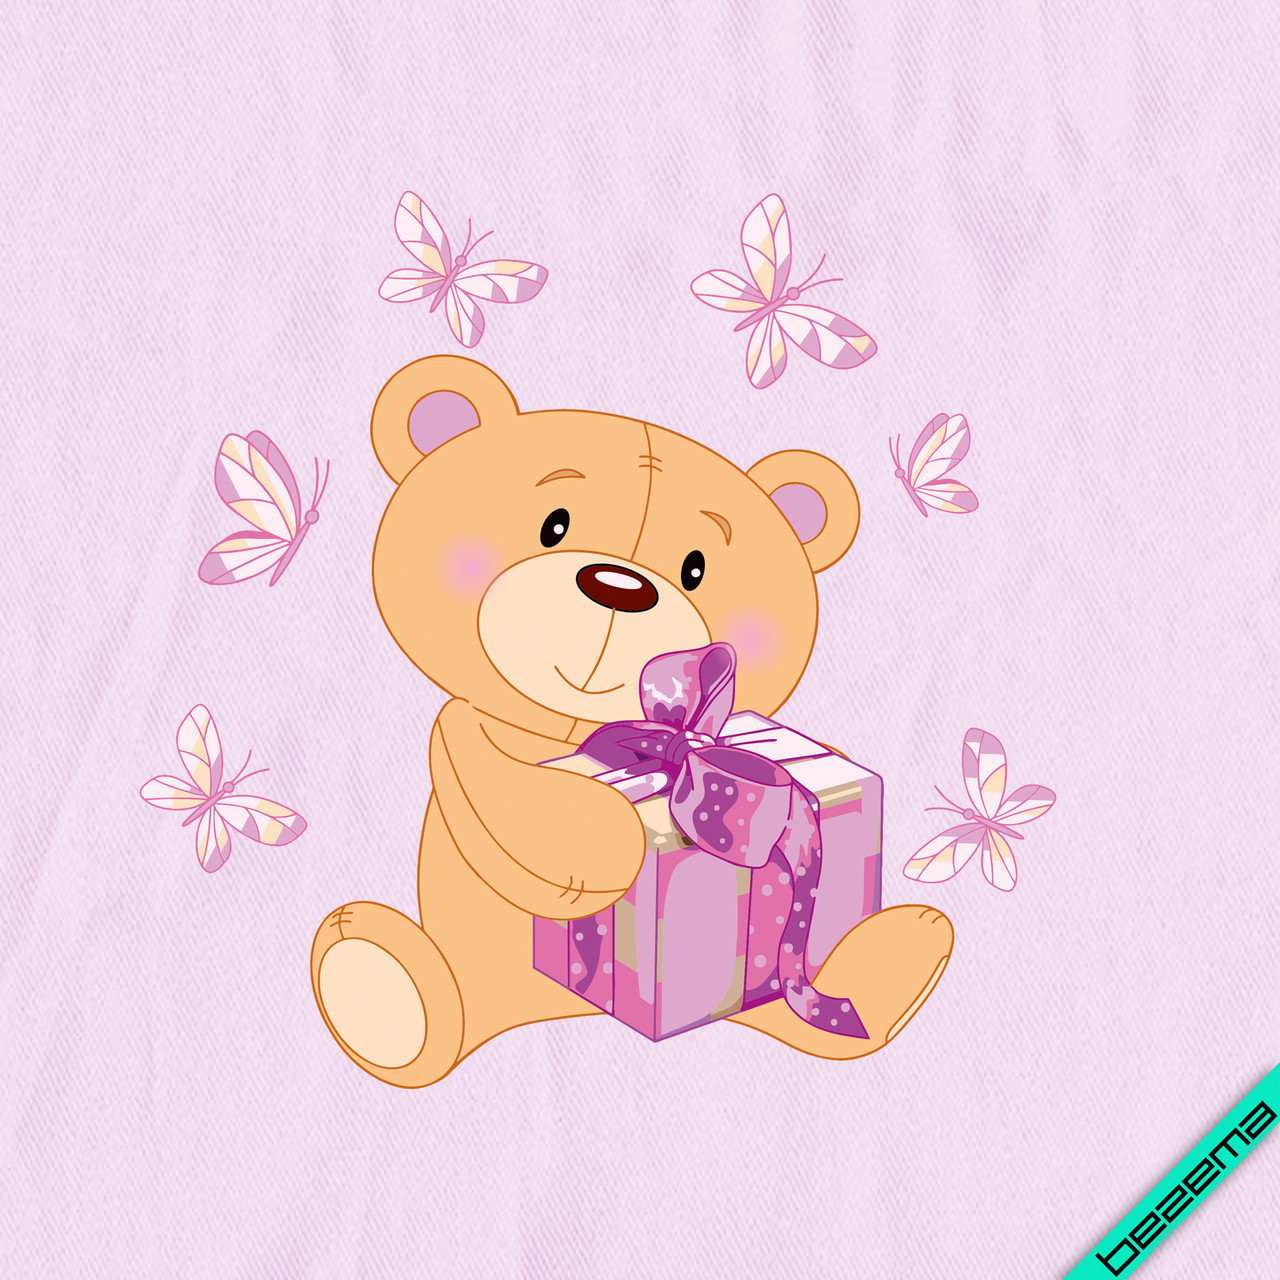 Аппликации на парео Мишка с подарком [Свой размер и материалы в ассортименте]